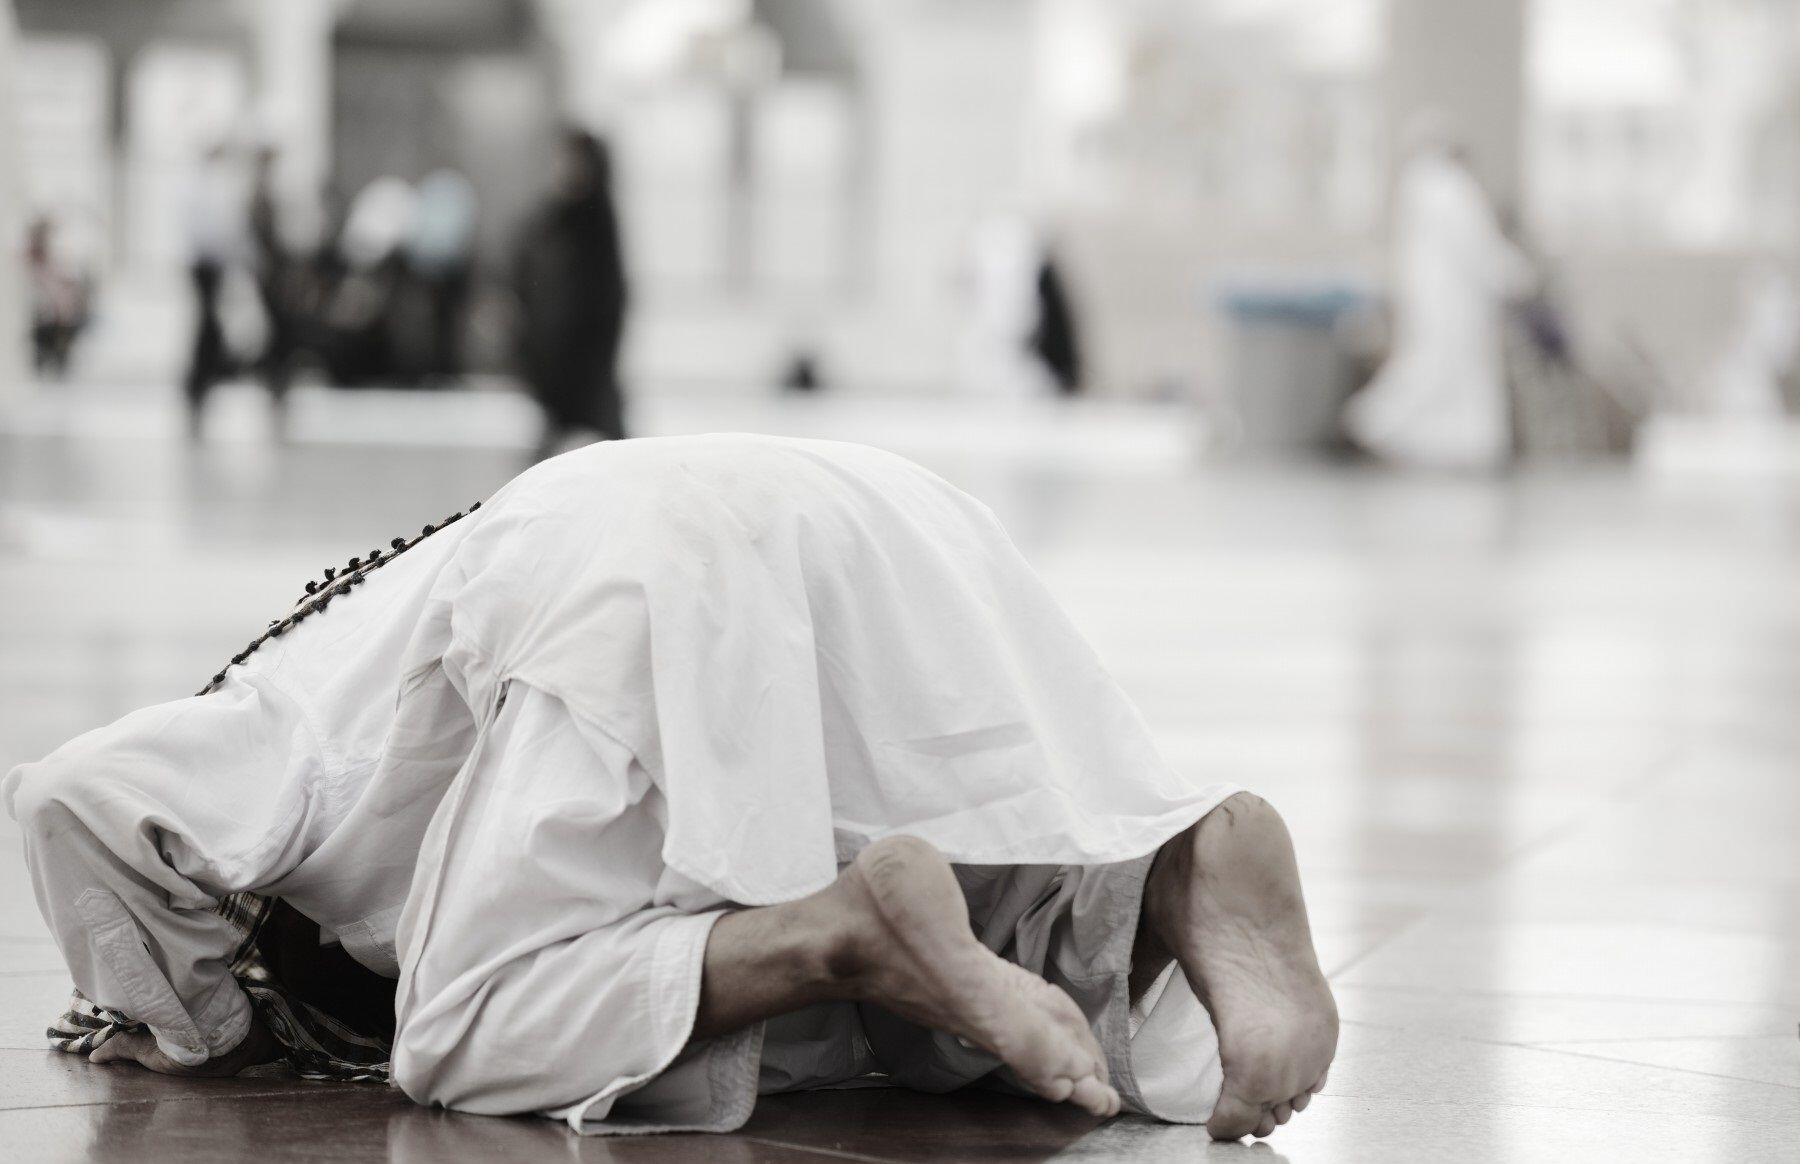 Jangan Putus Asa! Lakukan 6 Hal Ini Jika Ingin Doamu Cepat Terkabul